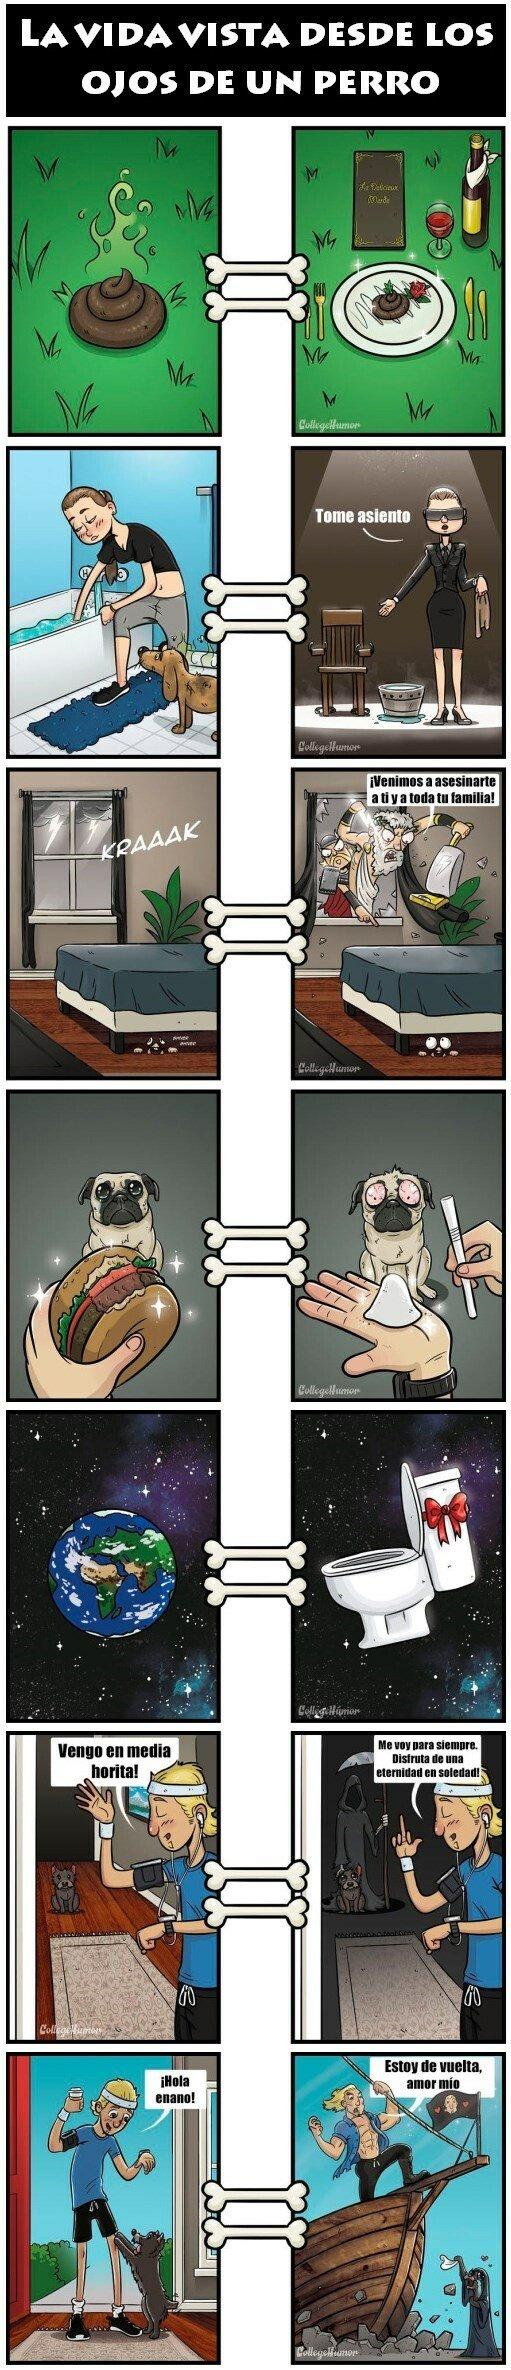 Otros - Los perros ven las cosas muy diferentes